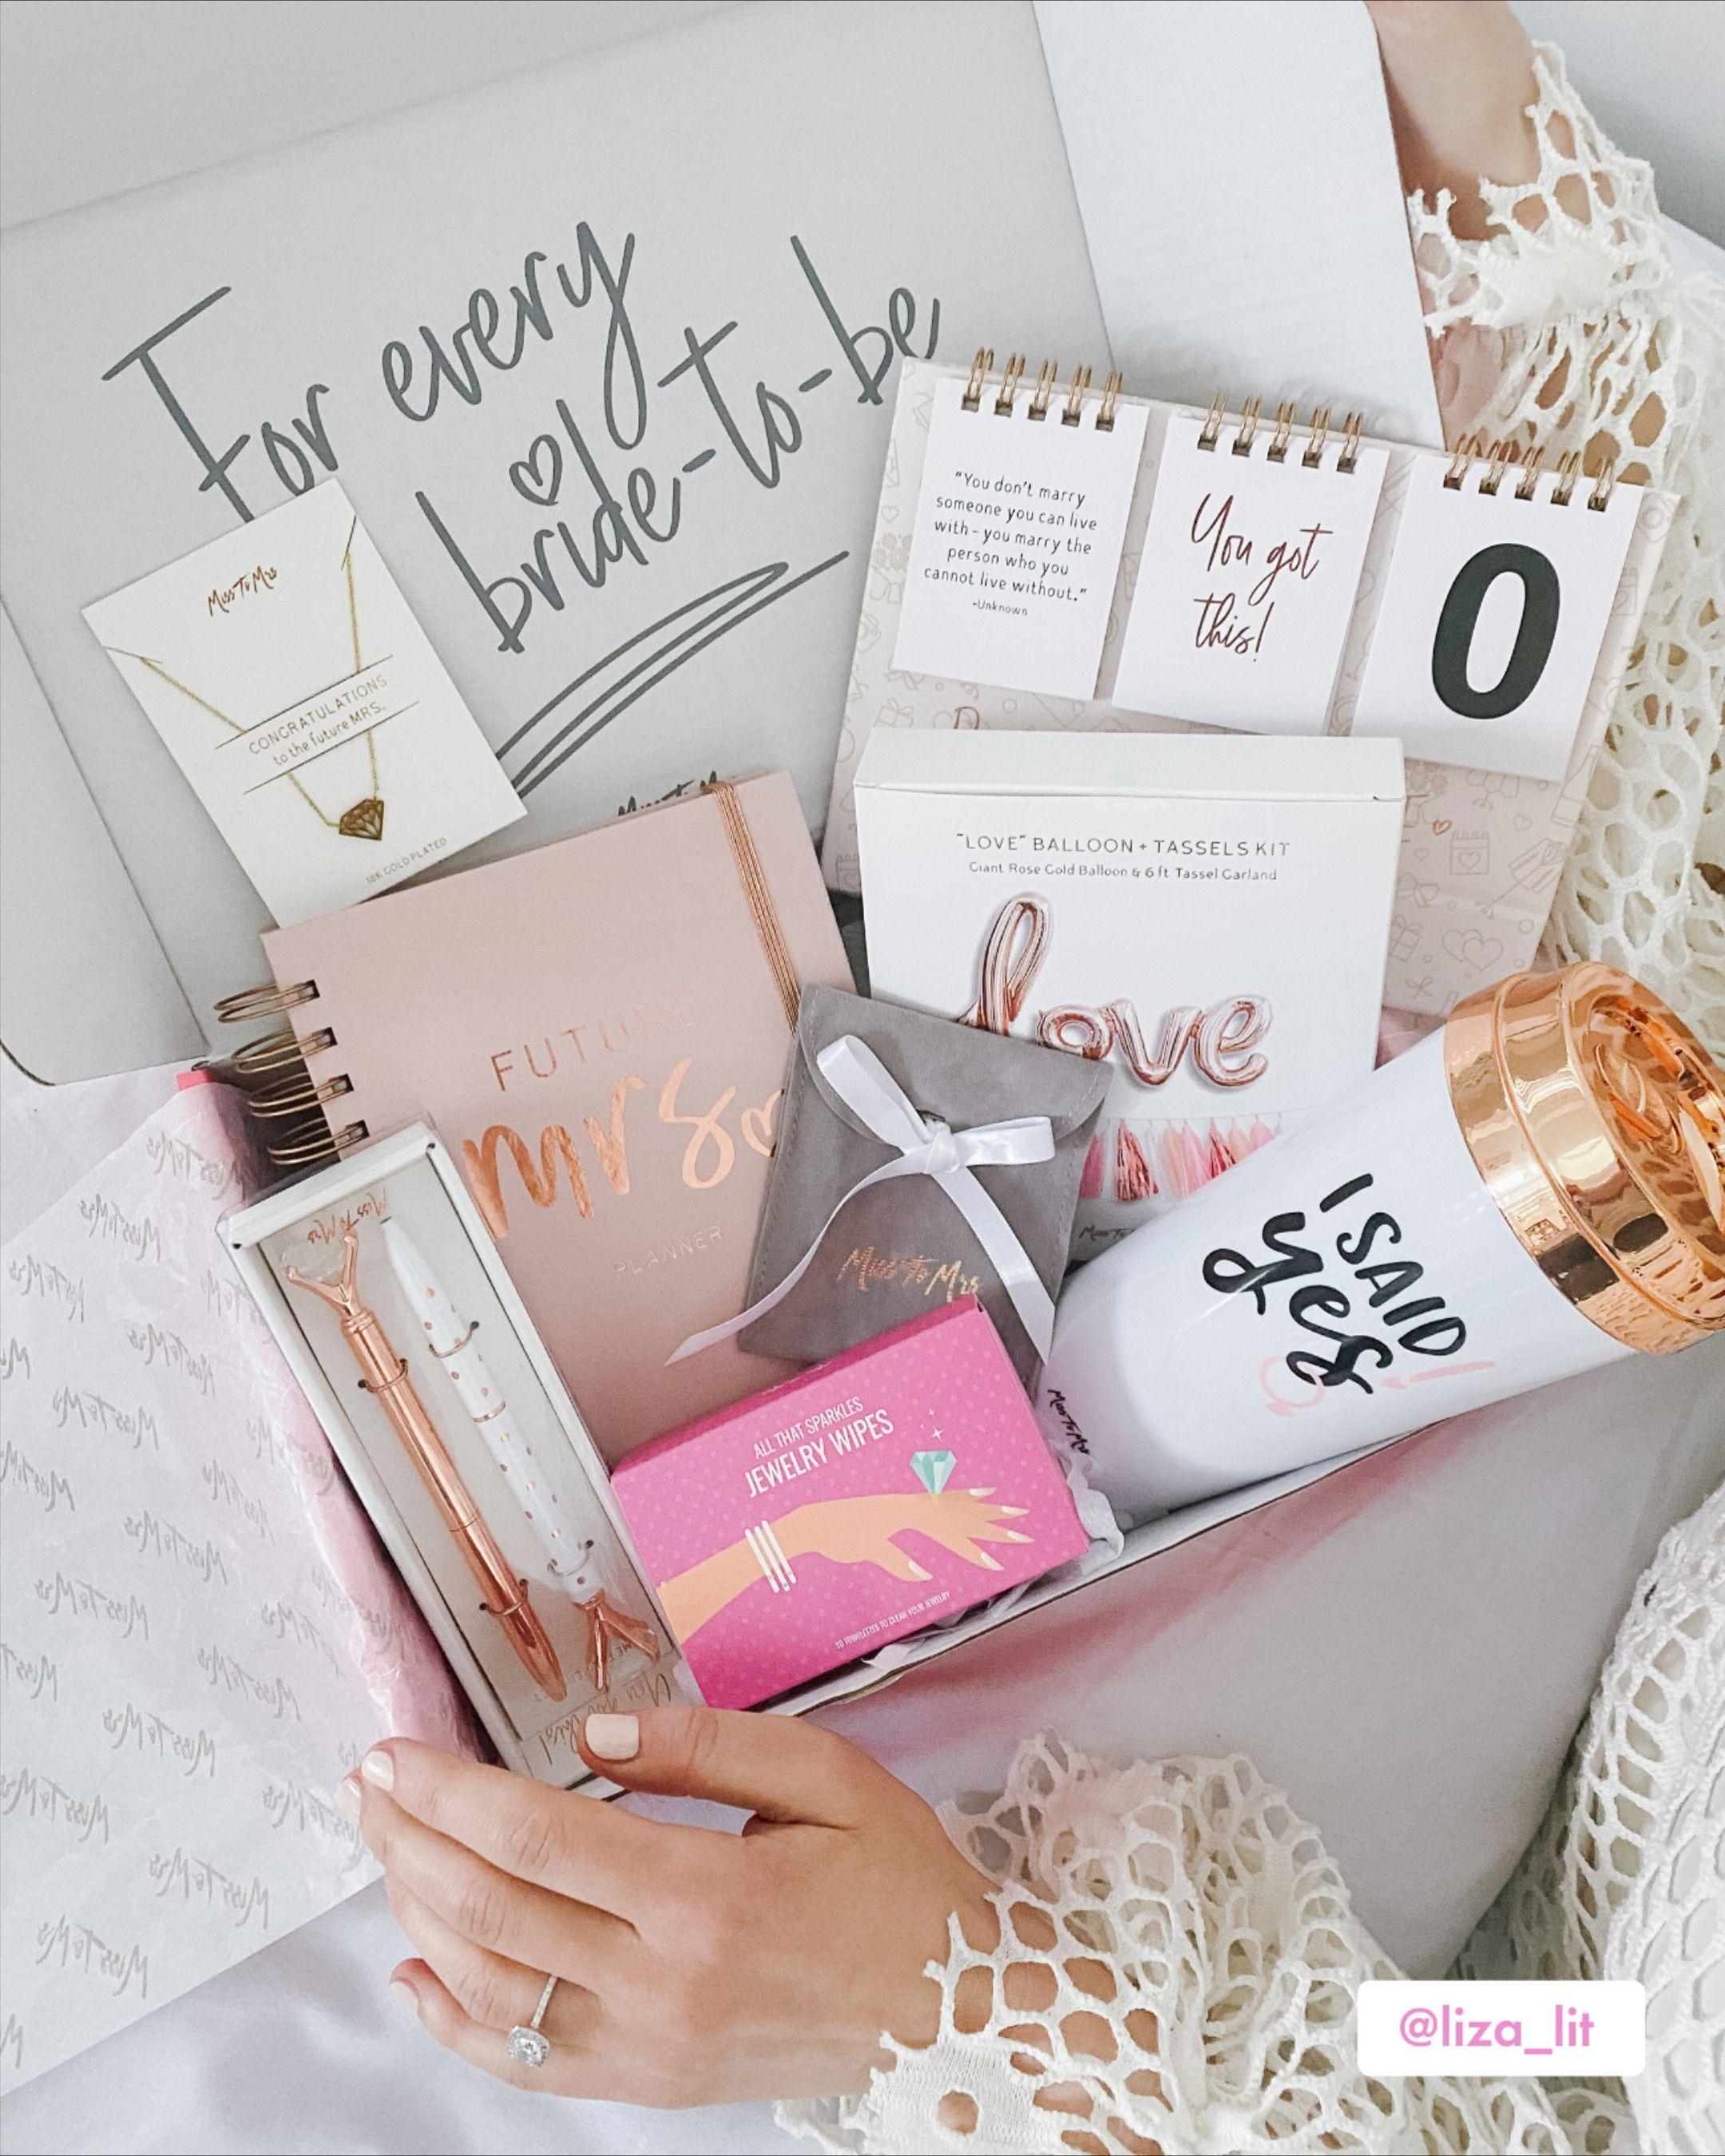 Award Winning Bridal Box In 2021 Bridal Gift Box Bride And Groom Gifts Bridal Boxes